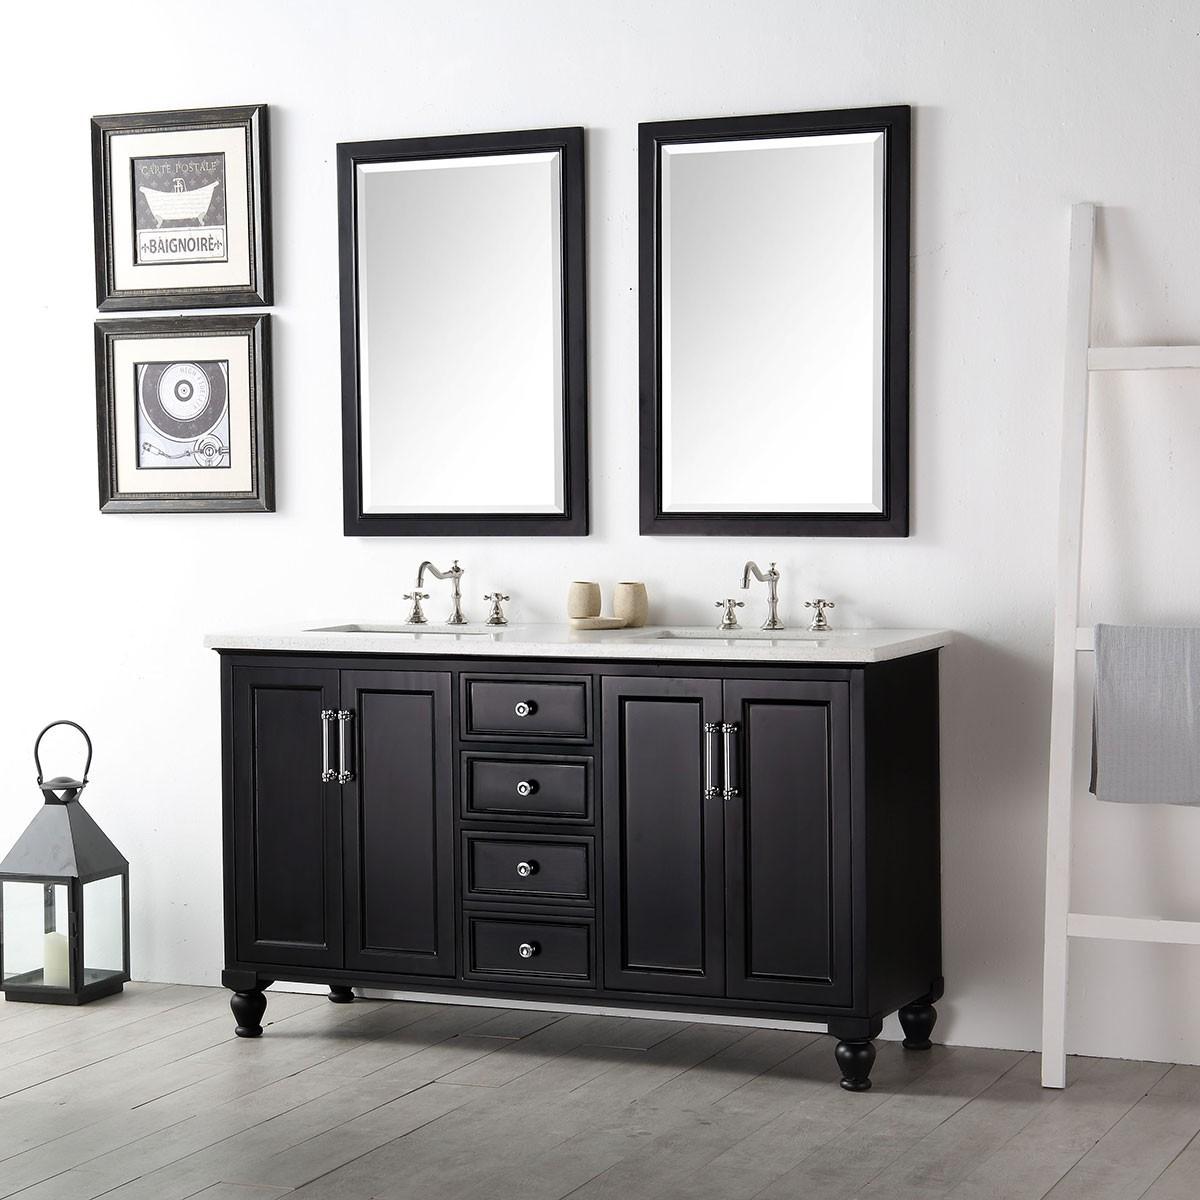 60 In. Bathroom Vanity Set (DK-6560-E-SET)